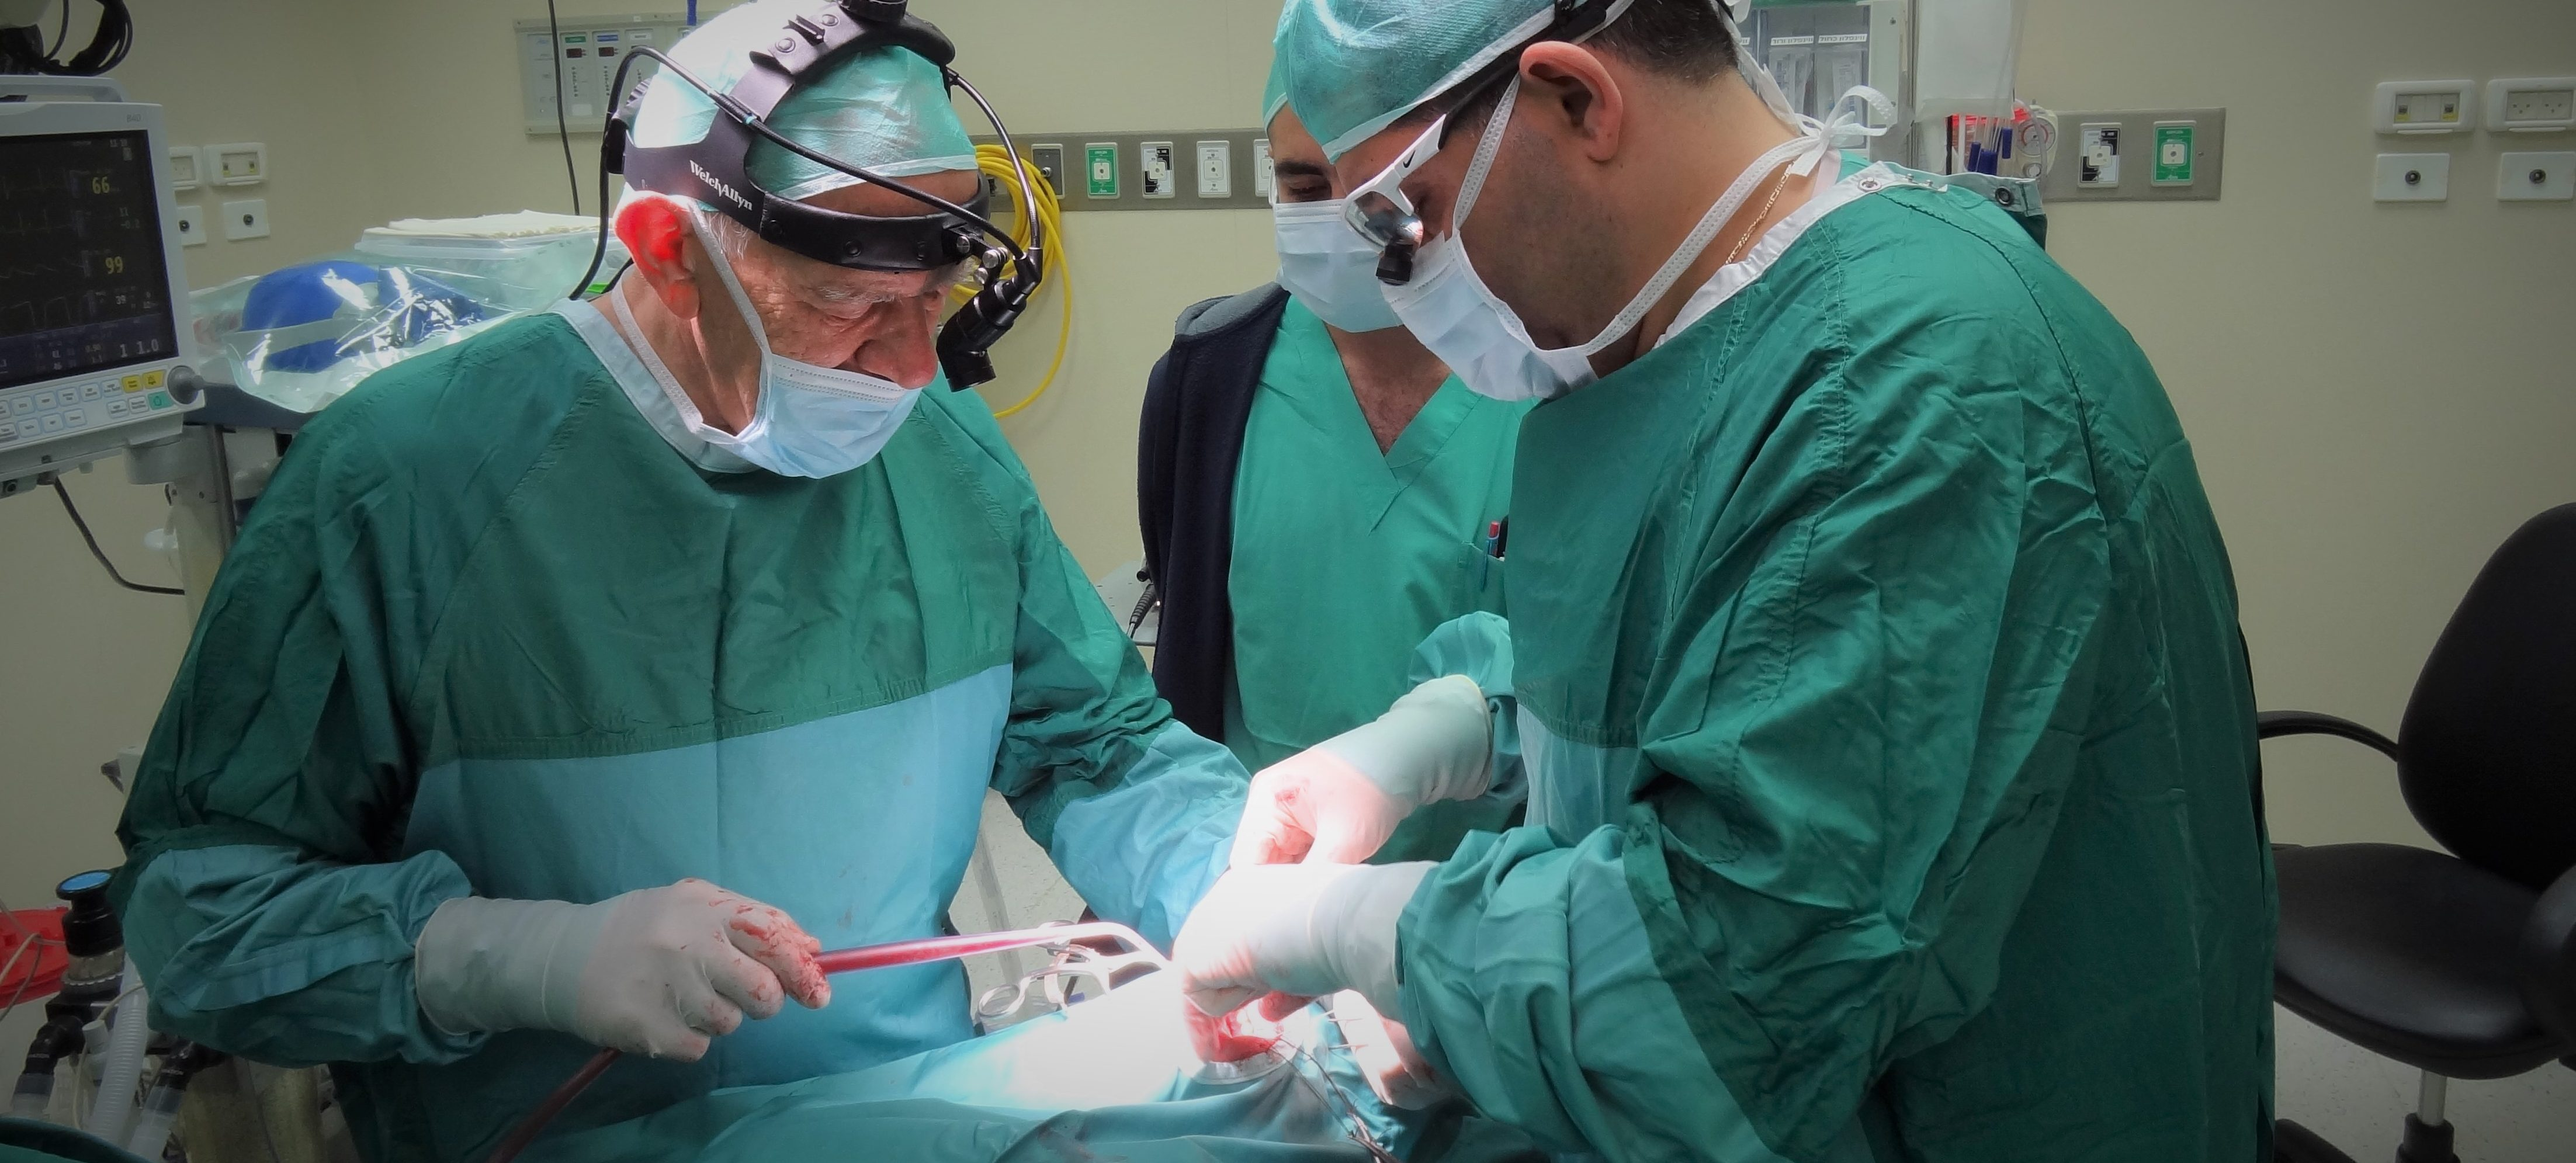 مجددًا مستشفى الناصرة الانجليزي في الصدارة  ولأول مرة في الشمال إجراء عملية معقدّة  بنجاح لاستبناء لمجرى البول